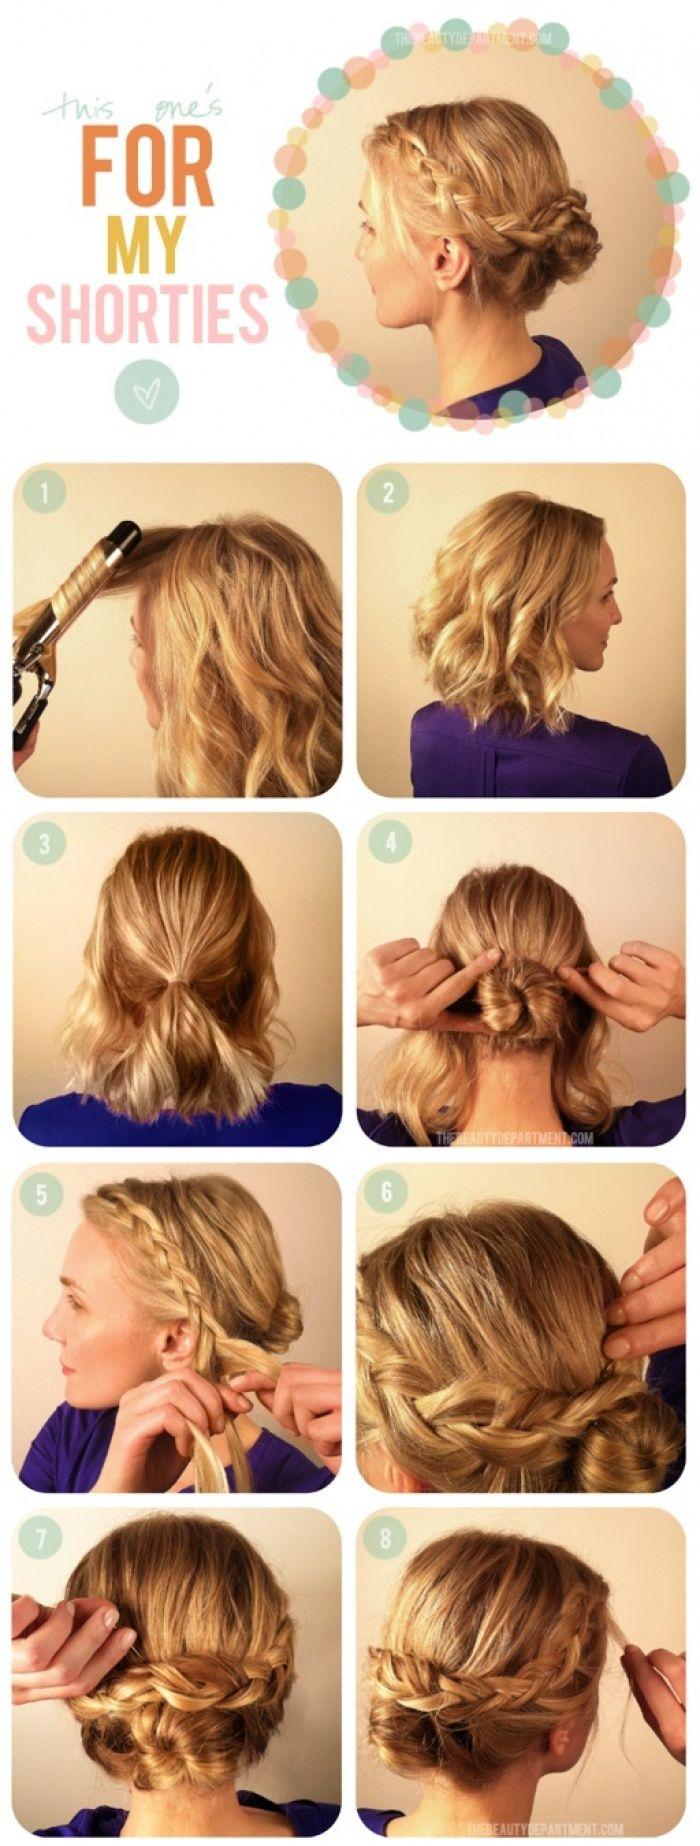 плетение кос. фото уроки